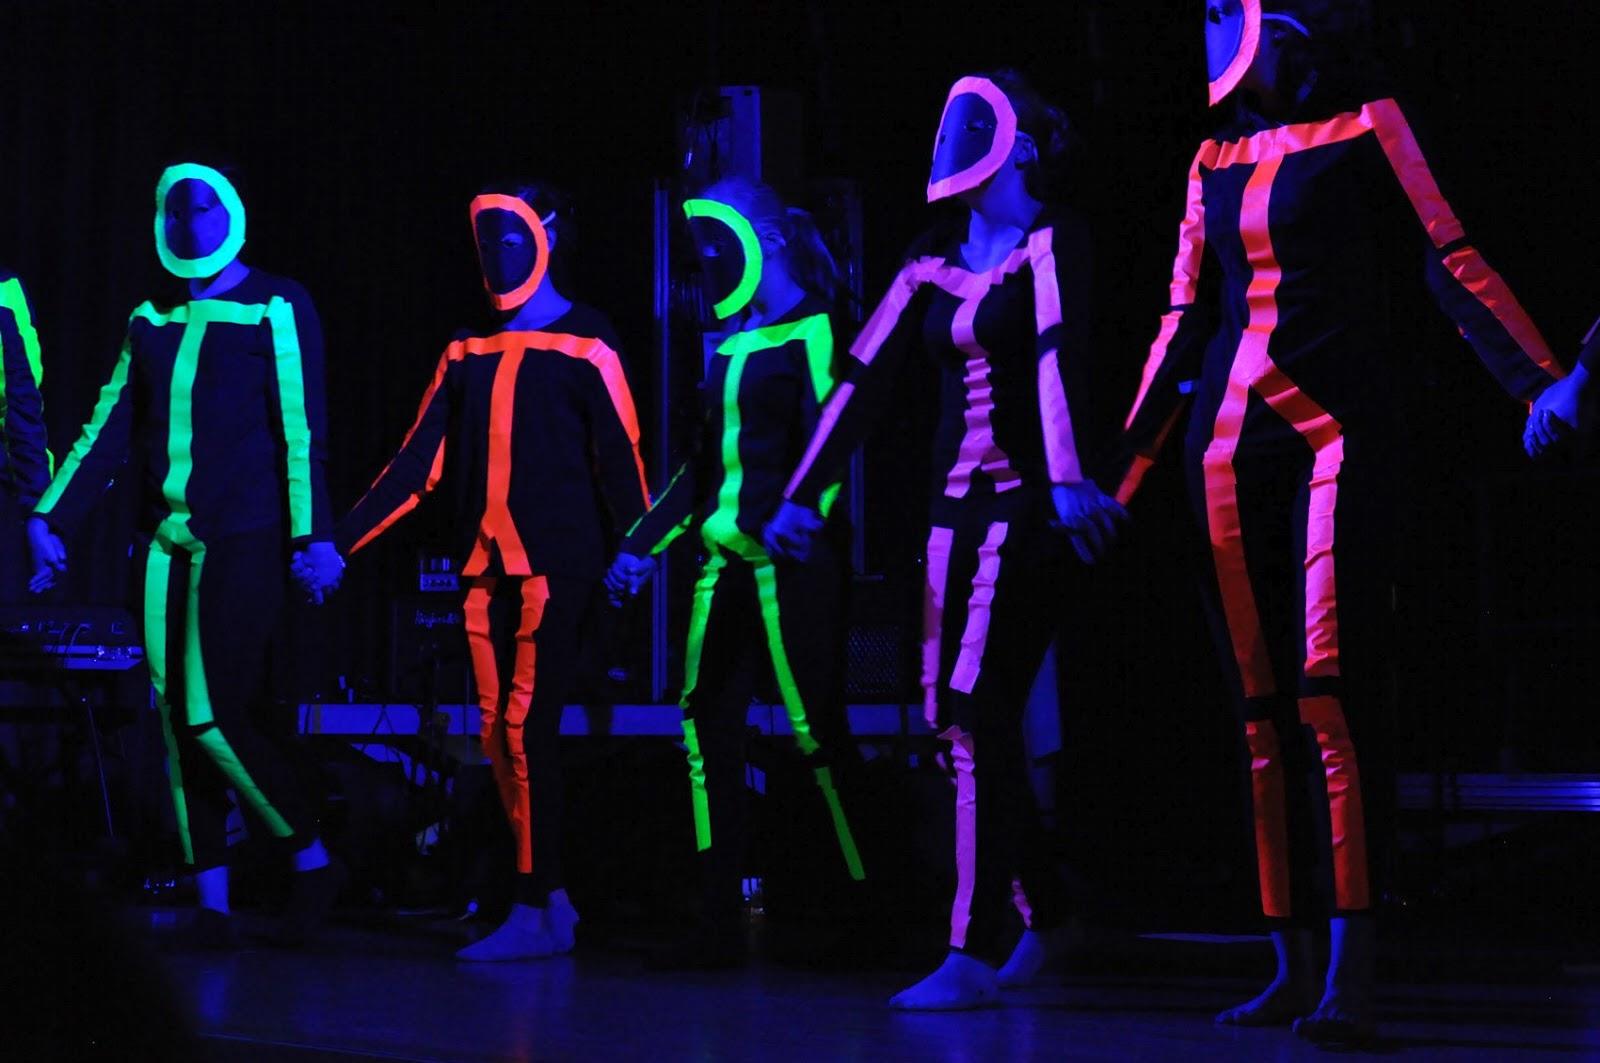 kreative kiste: Strichmännchen bei Schwarzlicht, mit UV aktivem ...